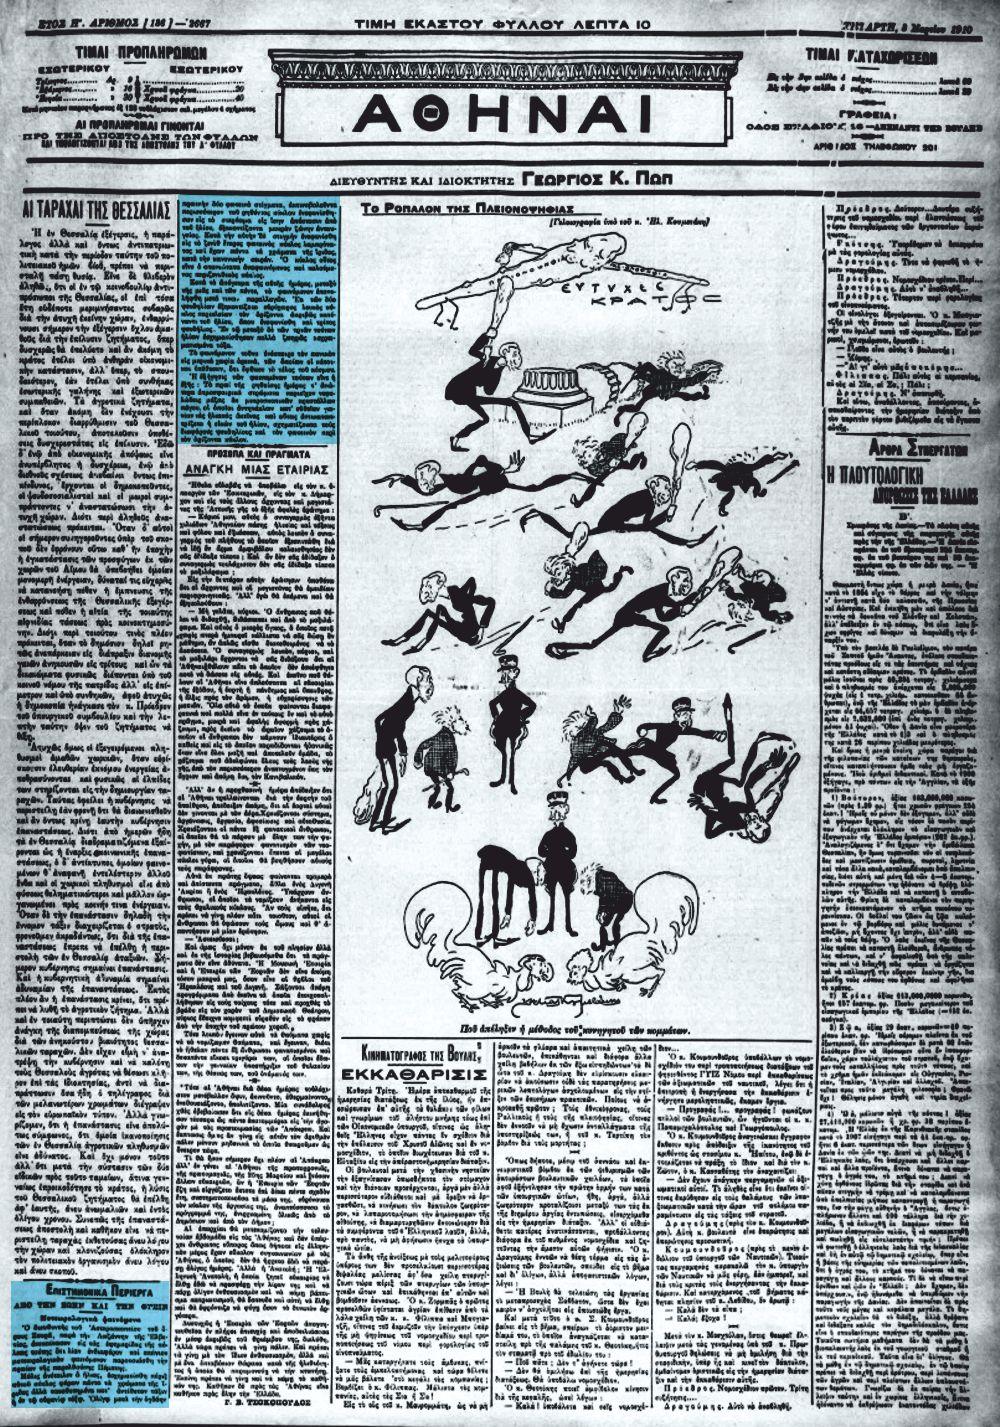 """Το άρθρο, όπως δημοσιεύθηκε στην εφημερίδα """"ΑΘΗΝΑΙ"""", στις 08/03/1910"""